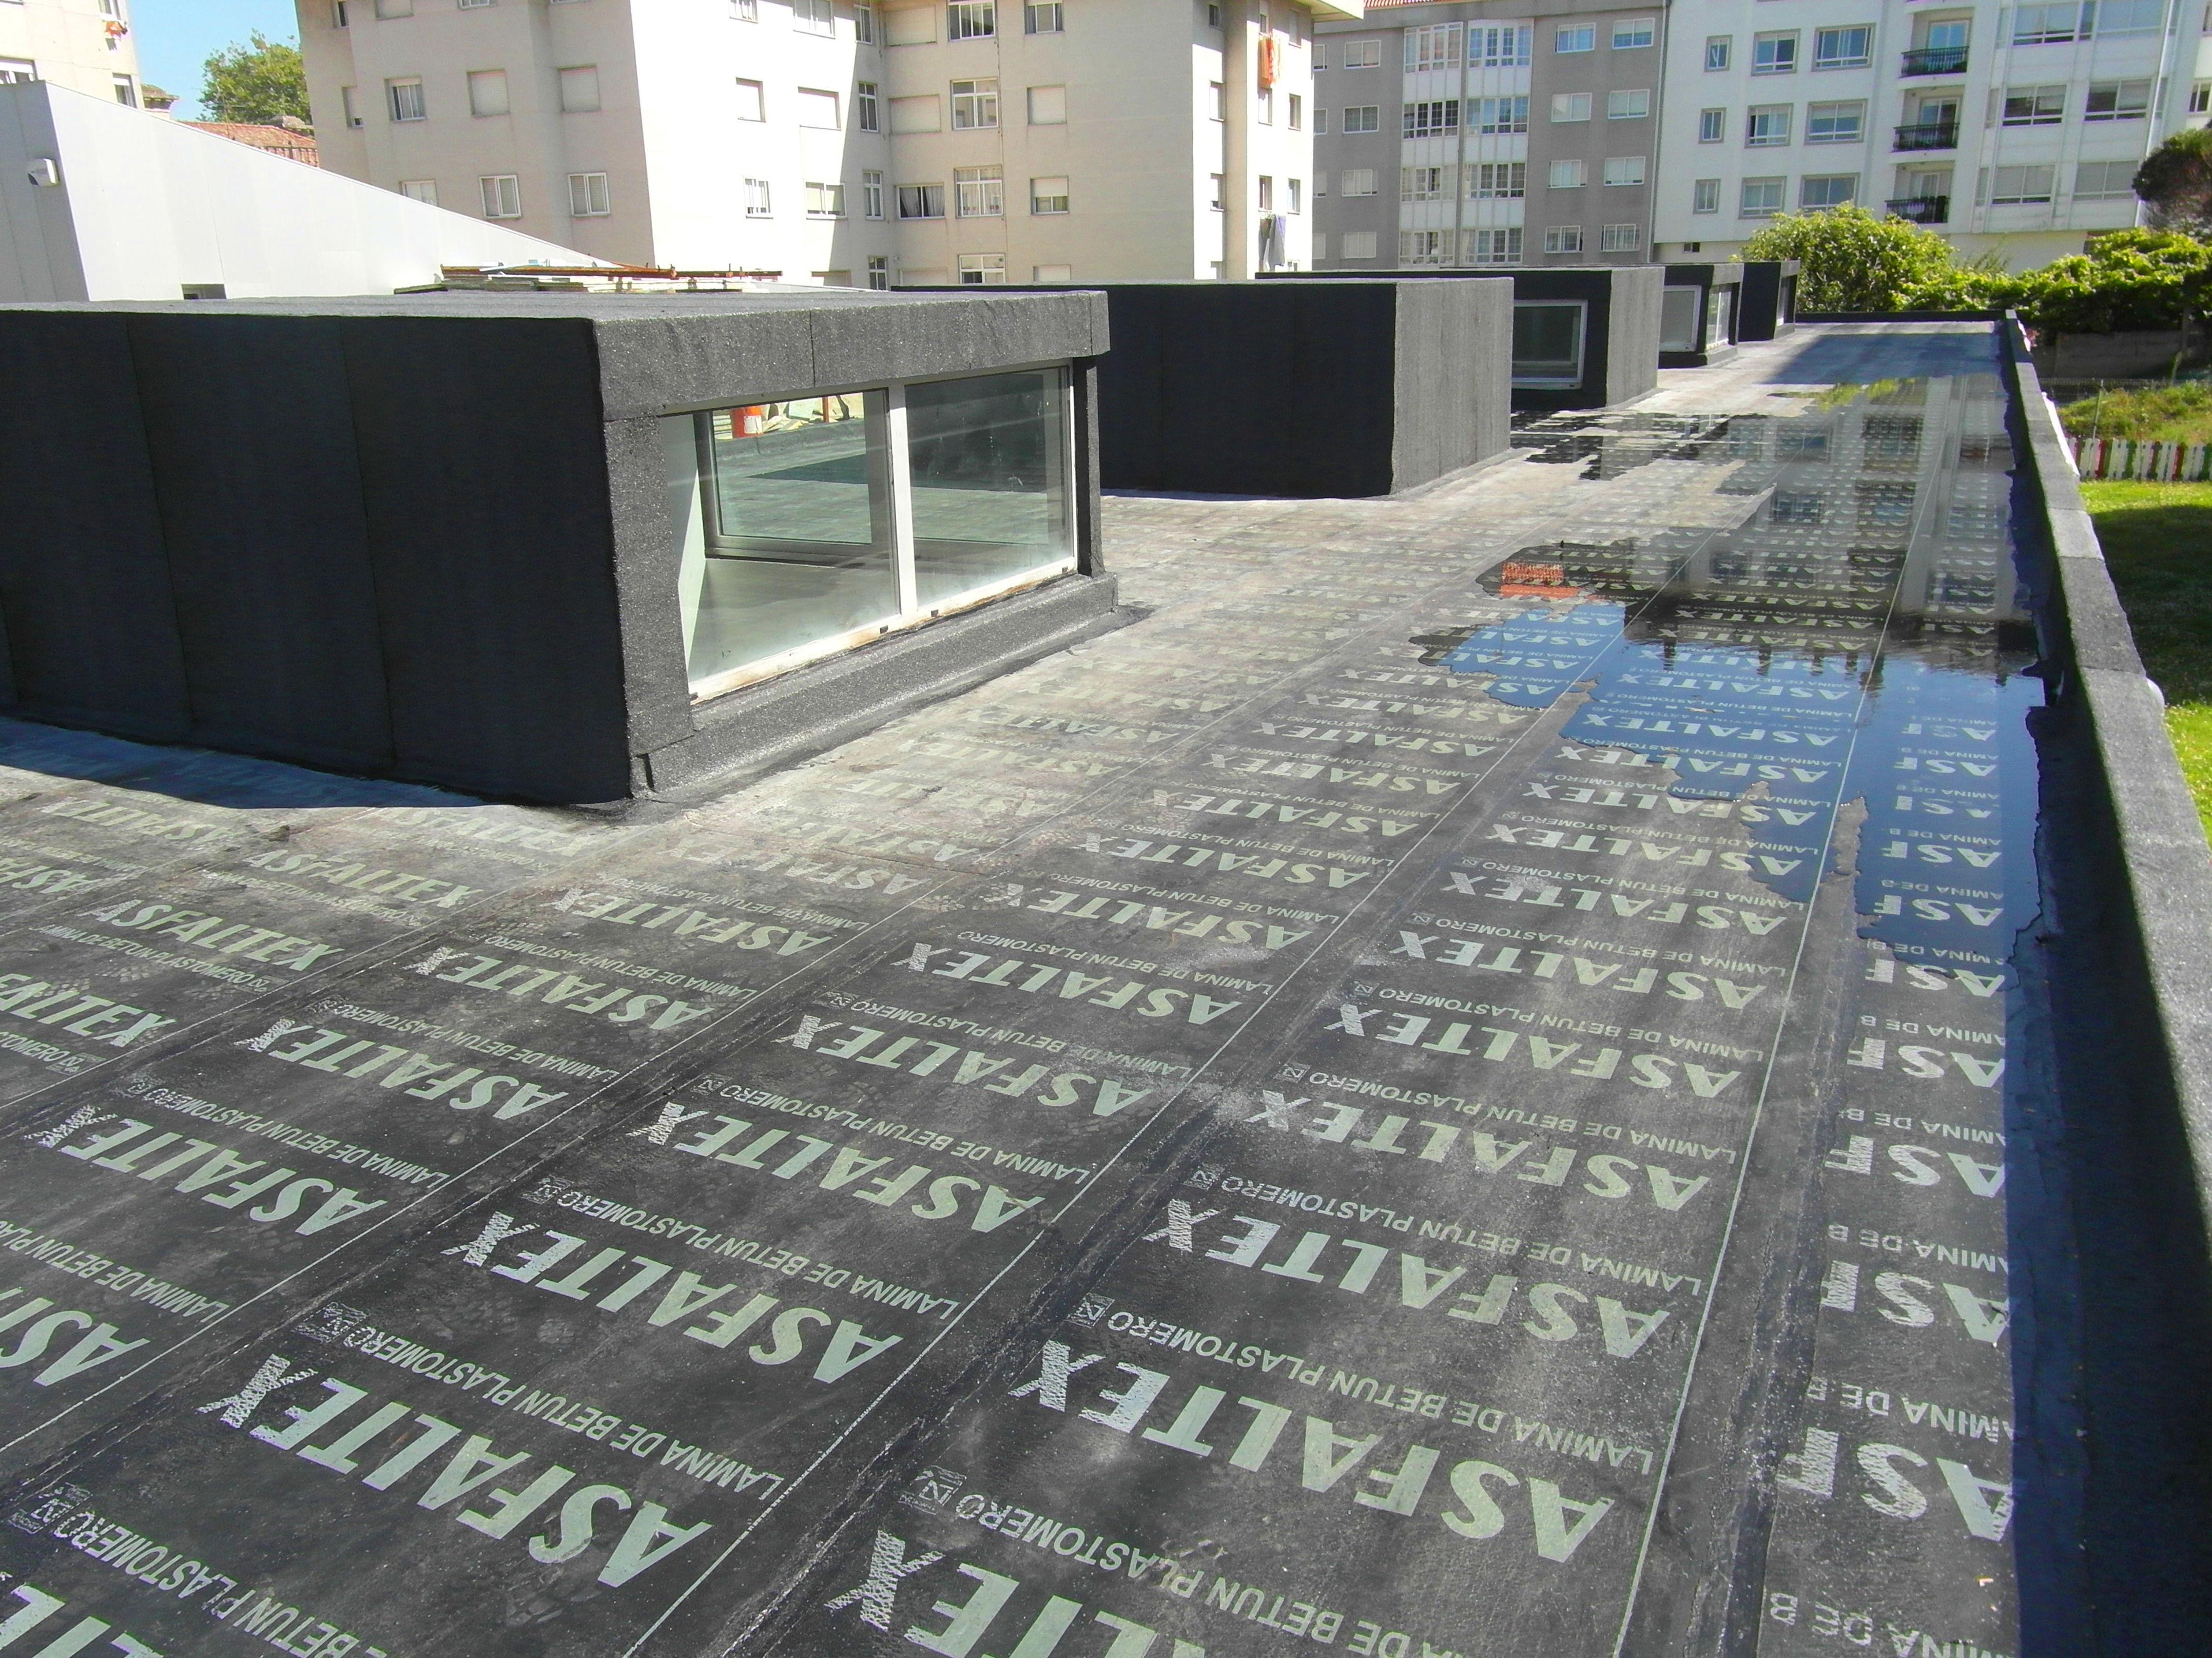 Foto 30 de Pavimentos industriales en Mos | Aplivilca